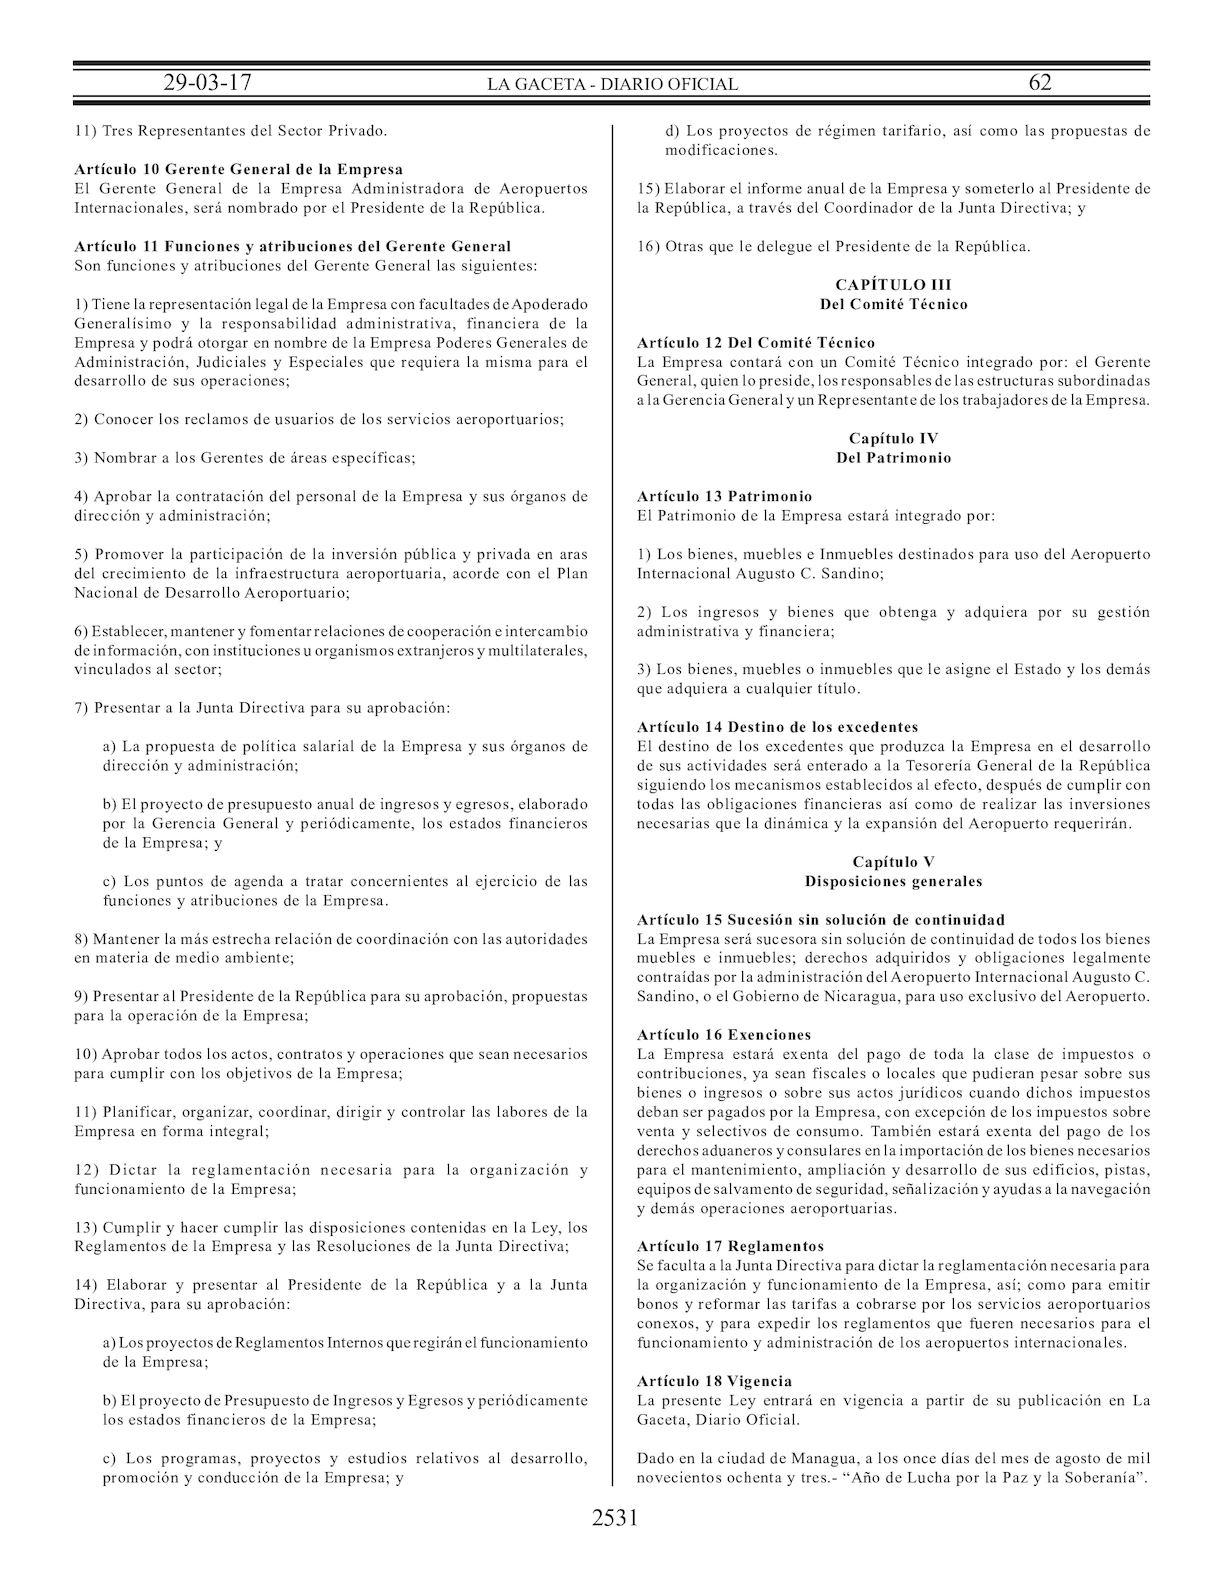 Gaceta No 62 Mi Rcoles 29 De Marzo De 2017 Calameo Downloader # Le Font Muebles